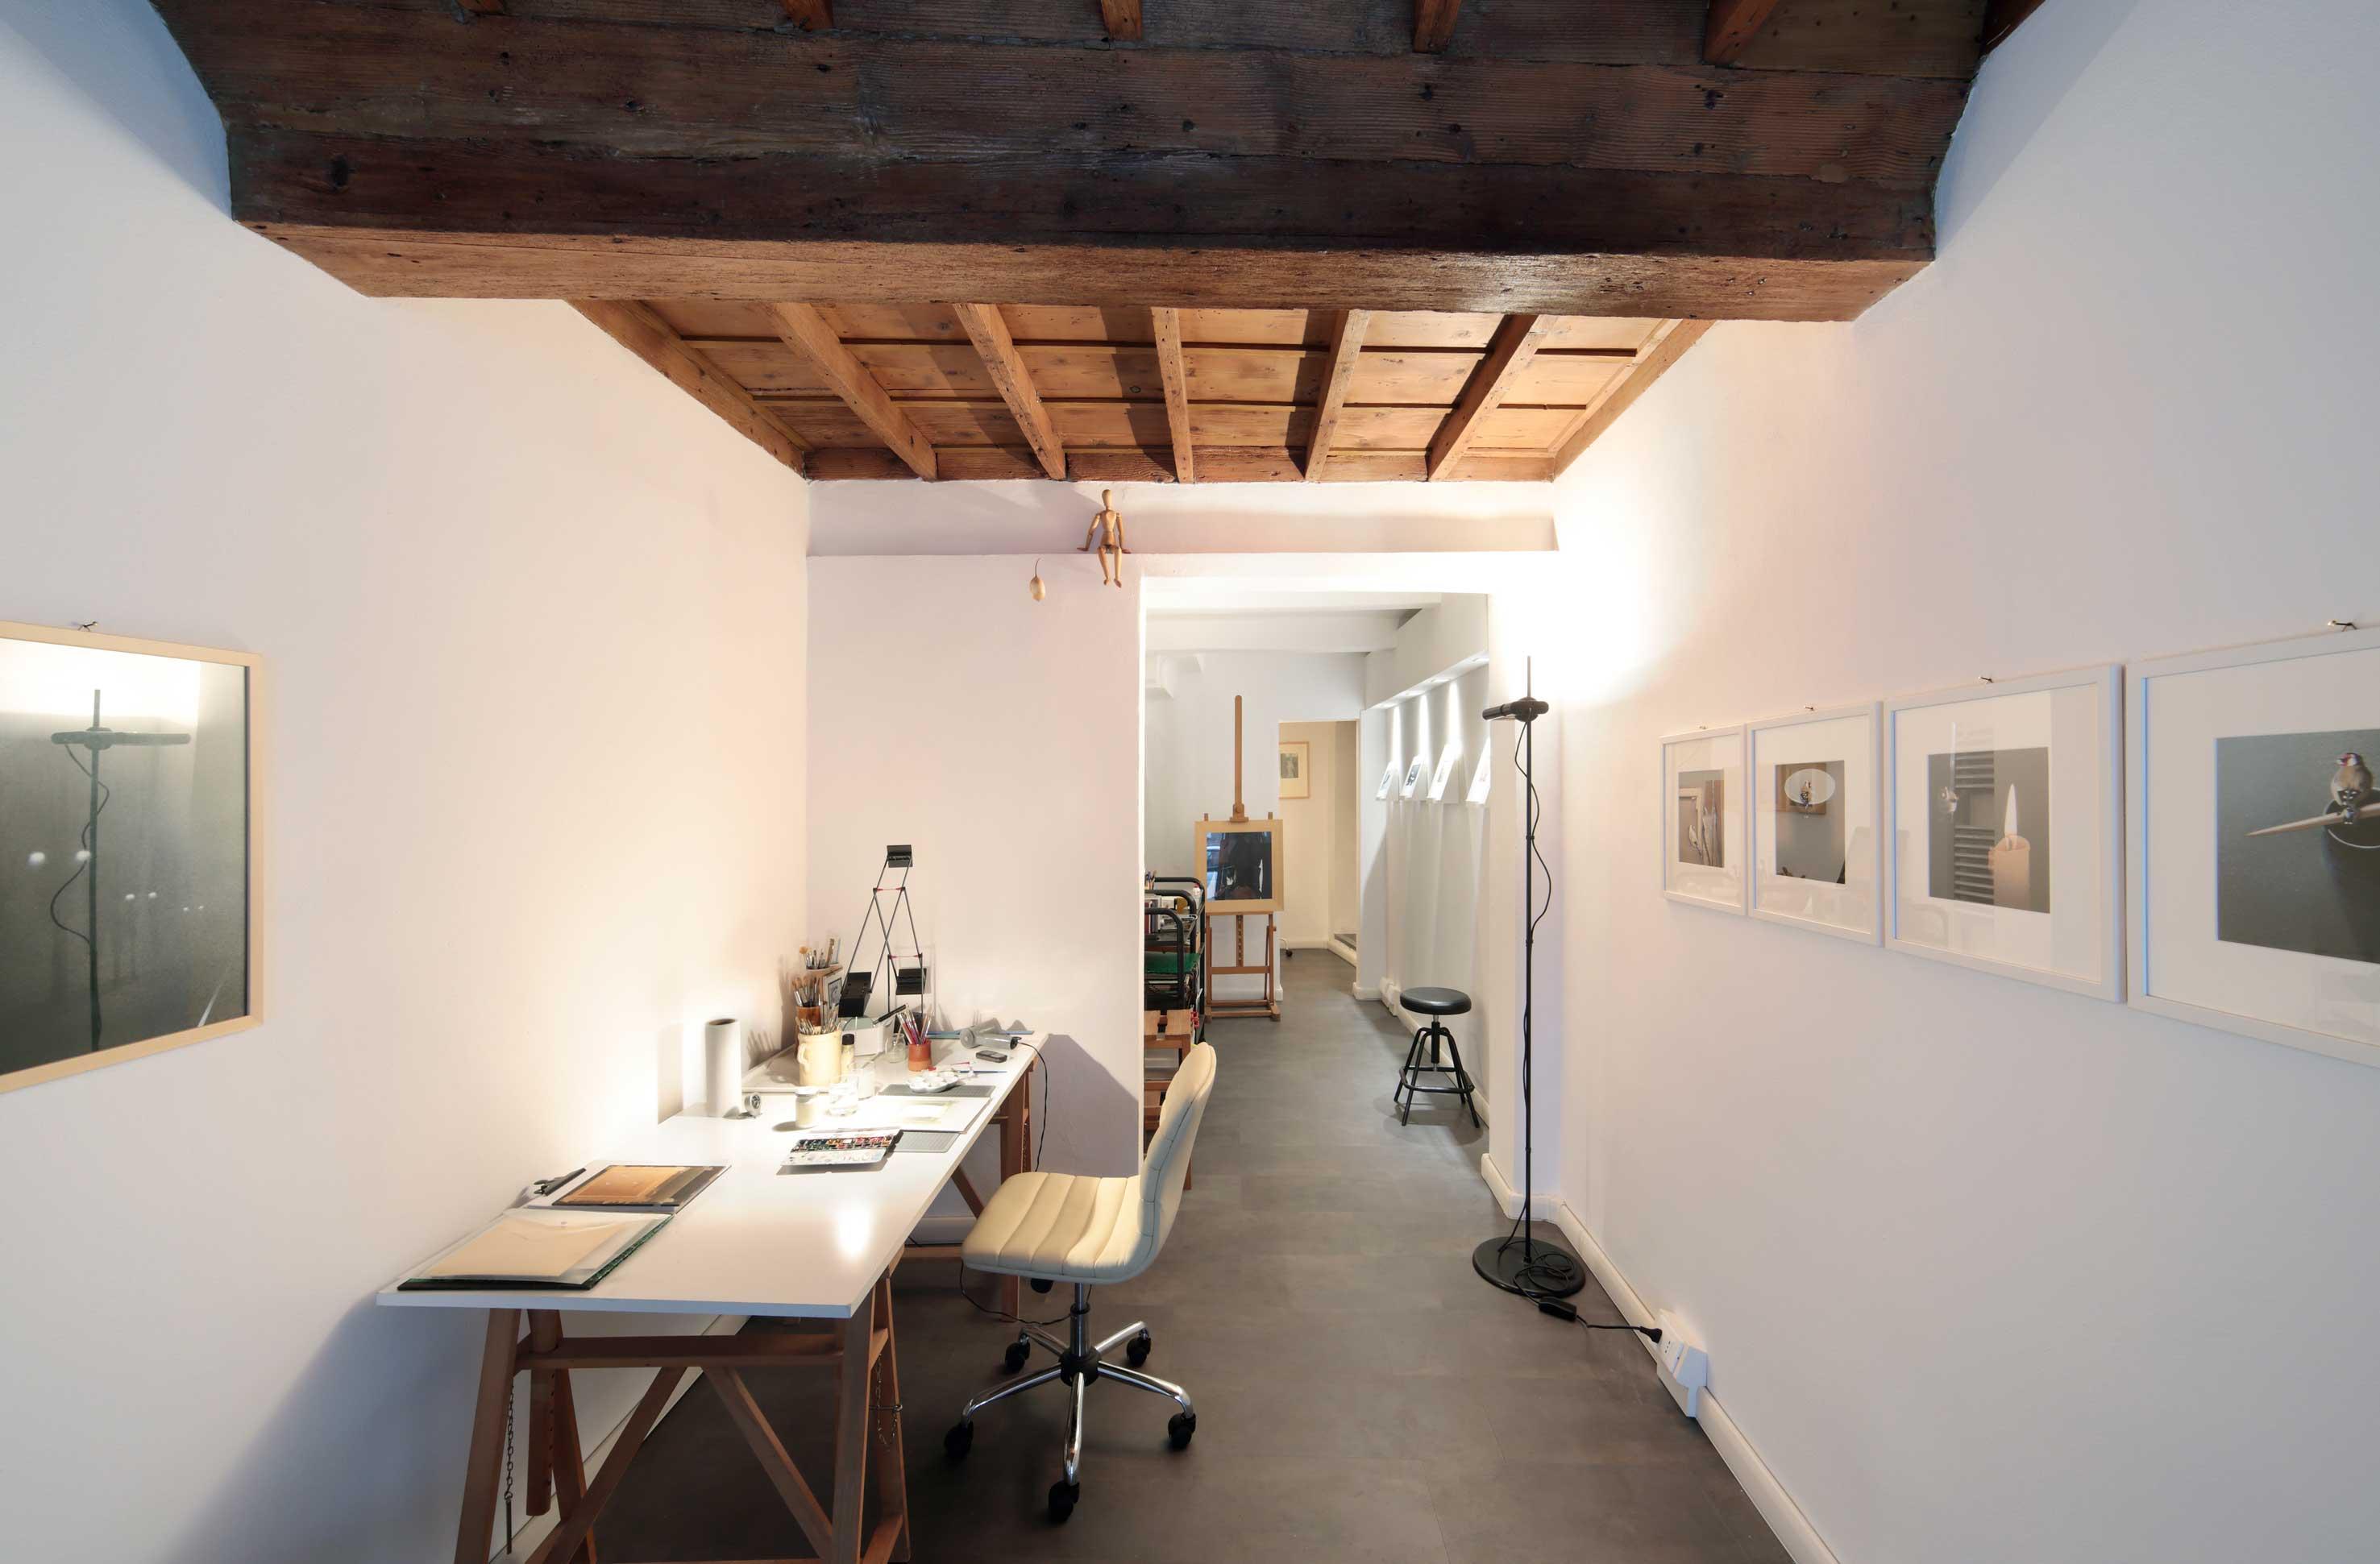 Studio di Paola Bonora - Foto © Tiberio Zucchini